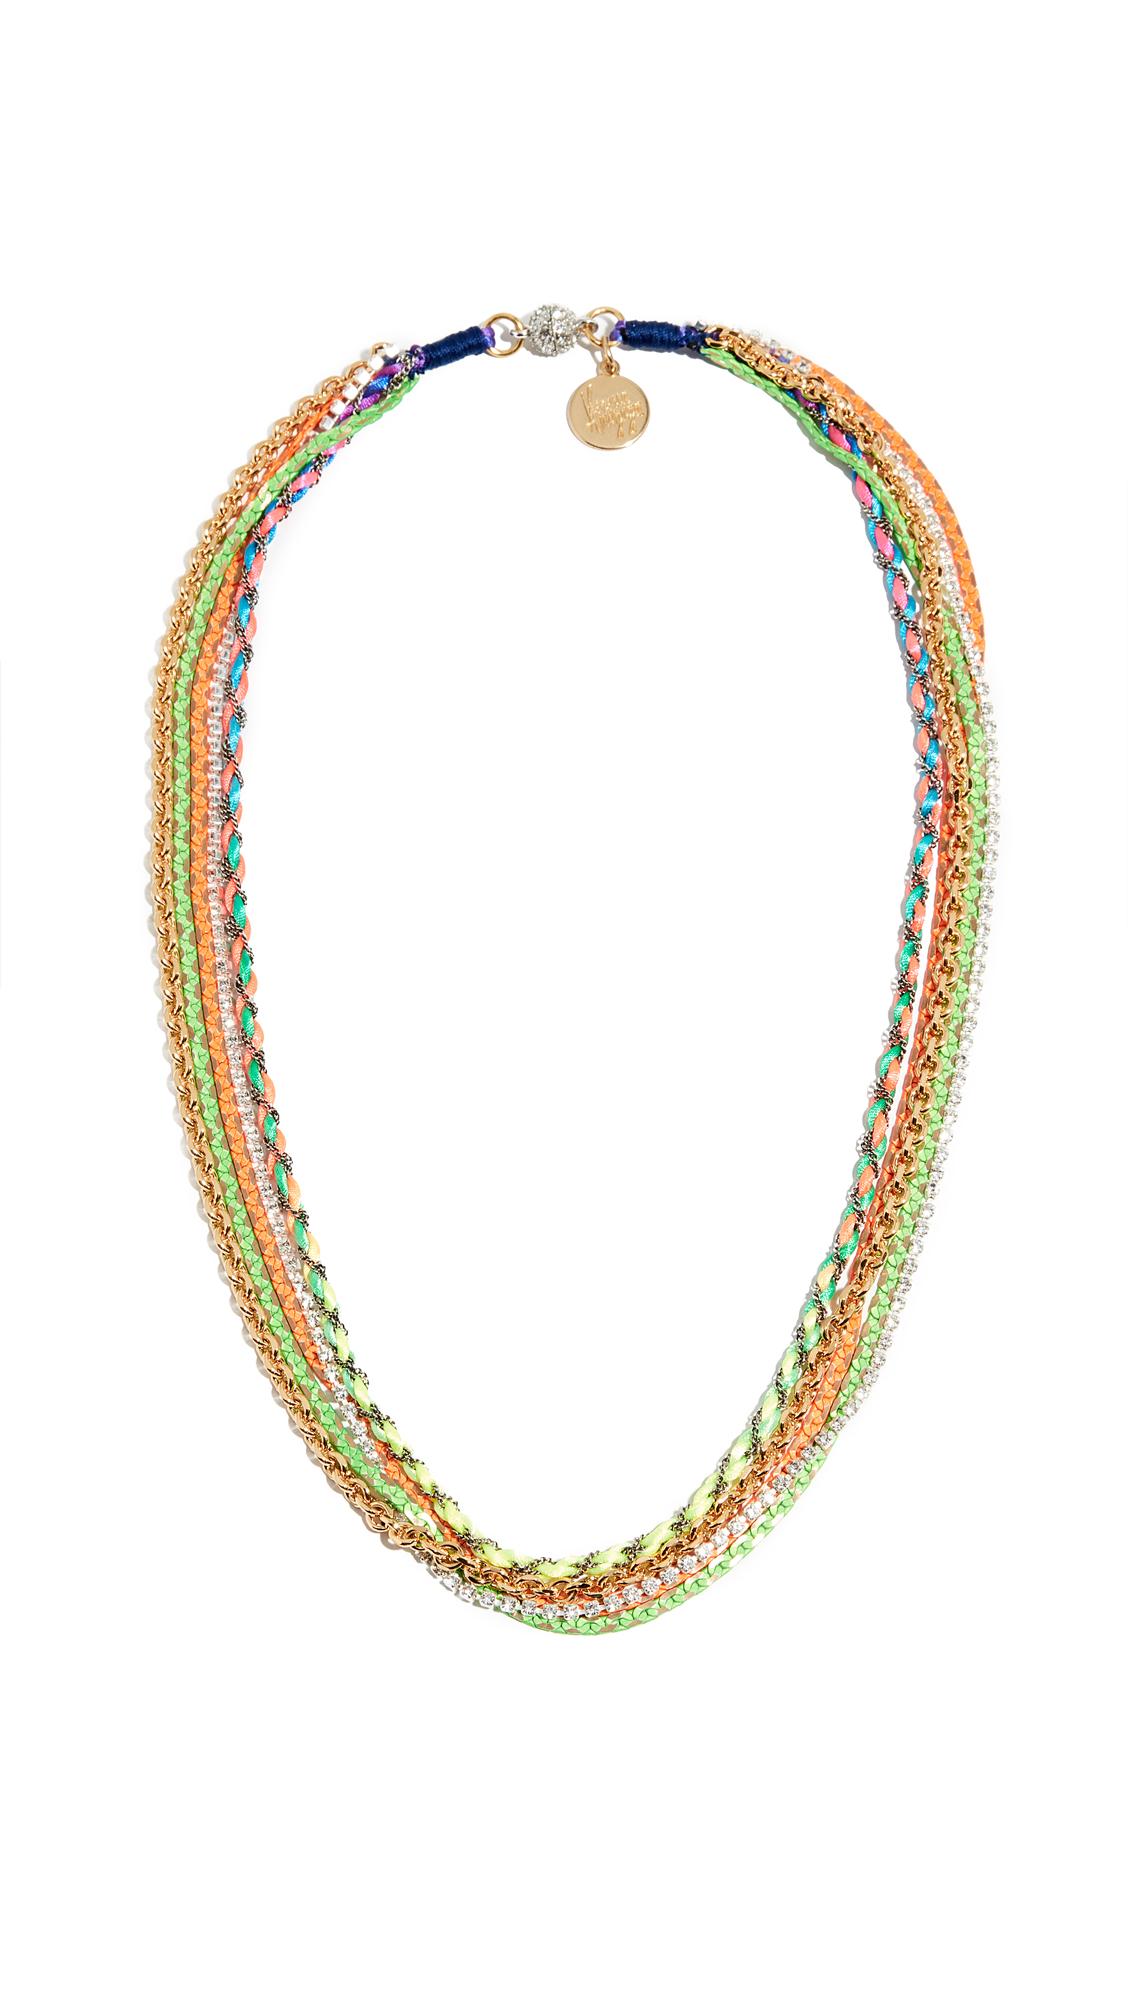 VENESSA ARIZAGA She'S A Rainbow Necklace in Multi